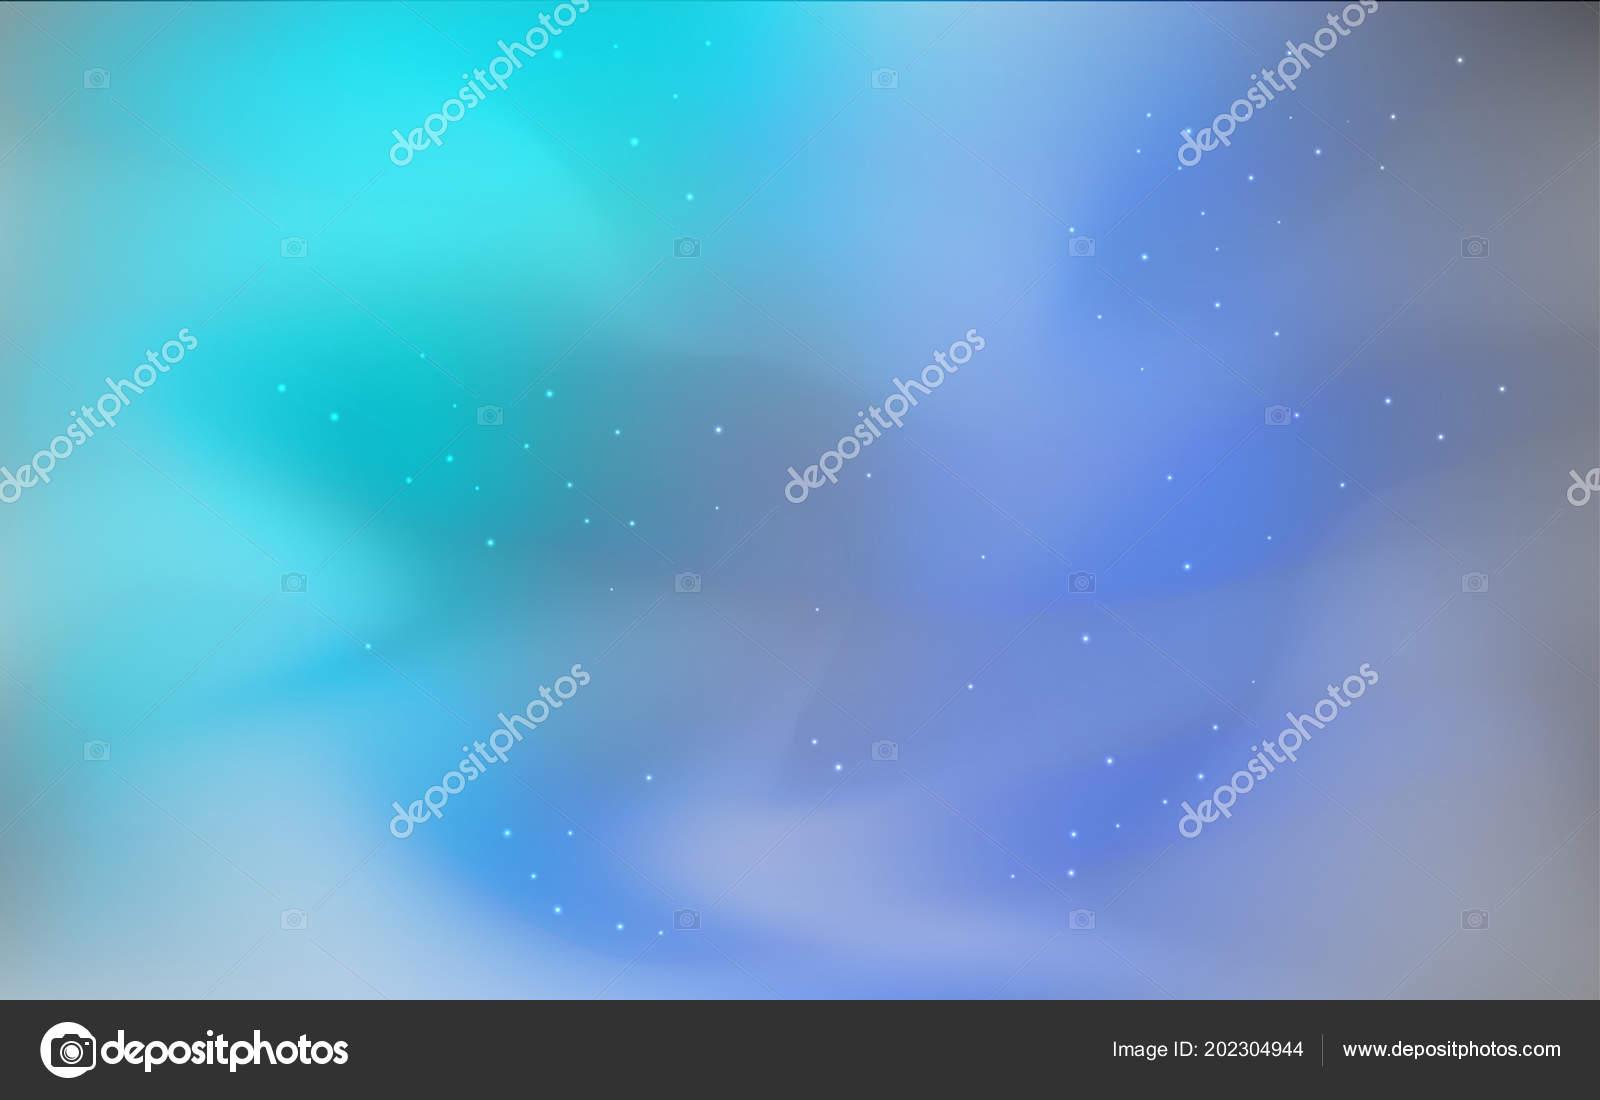 Blu Scuro Verde Vettore Sfondo Con Stelle Della Galassia Spazio